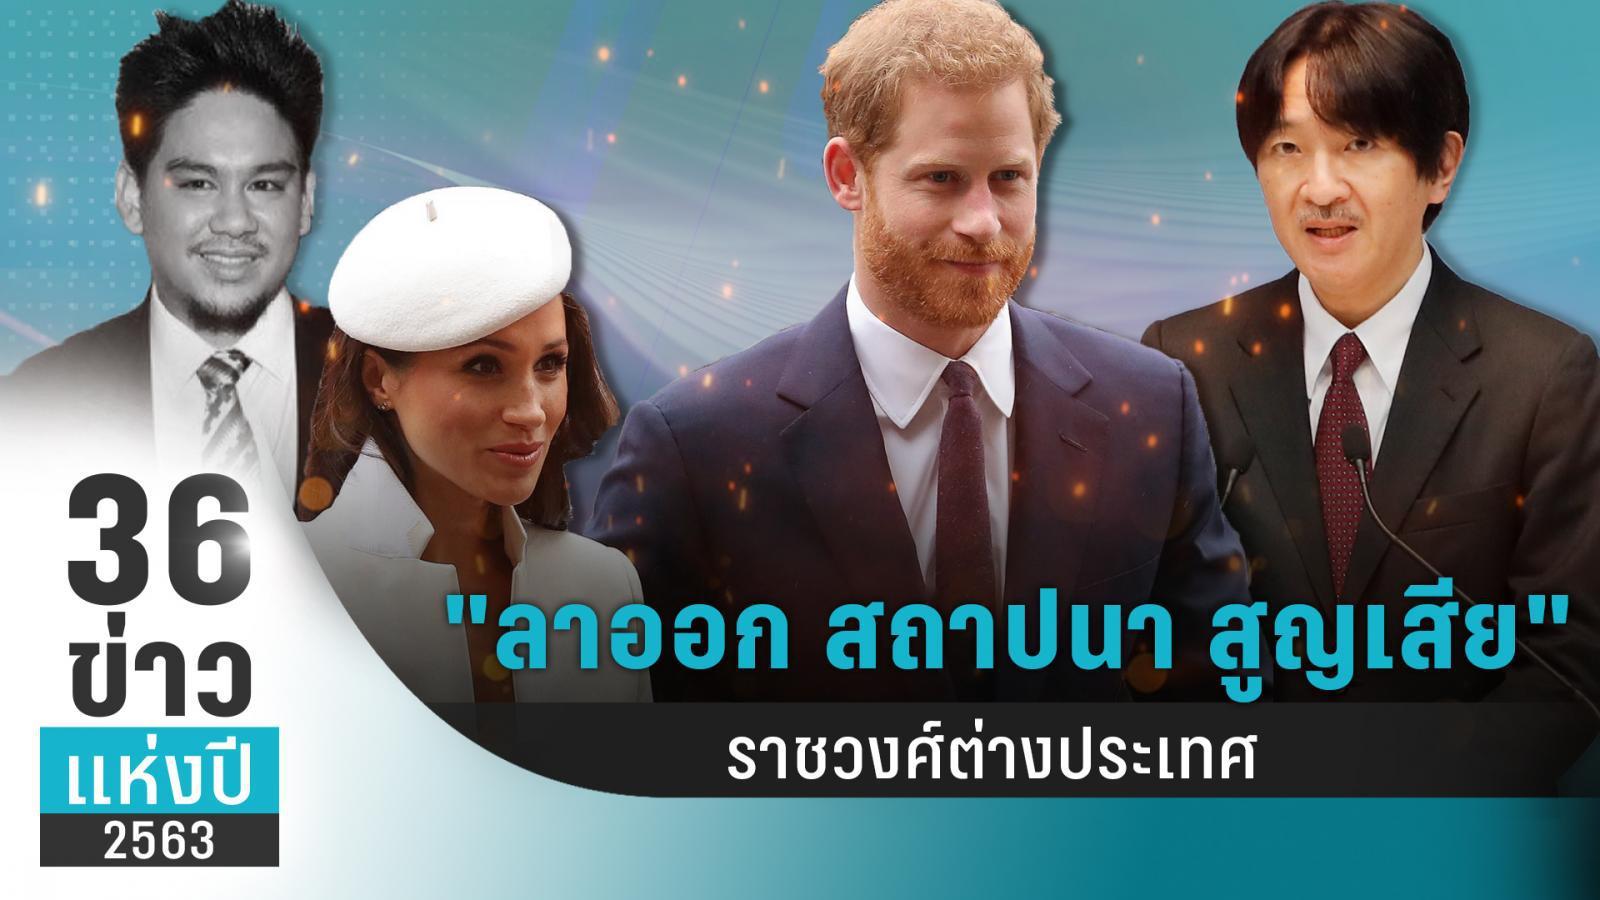 36ข่าวแห่งปี : ส่องความเคลื่อนไหวราชวงศ์ต่างประเทศ